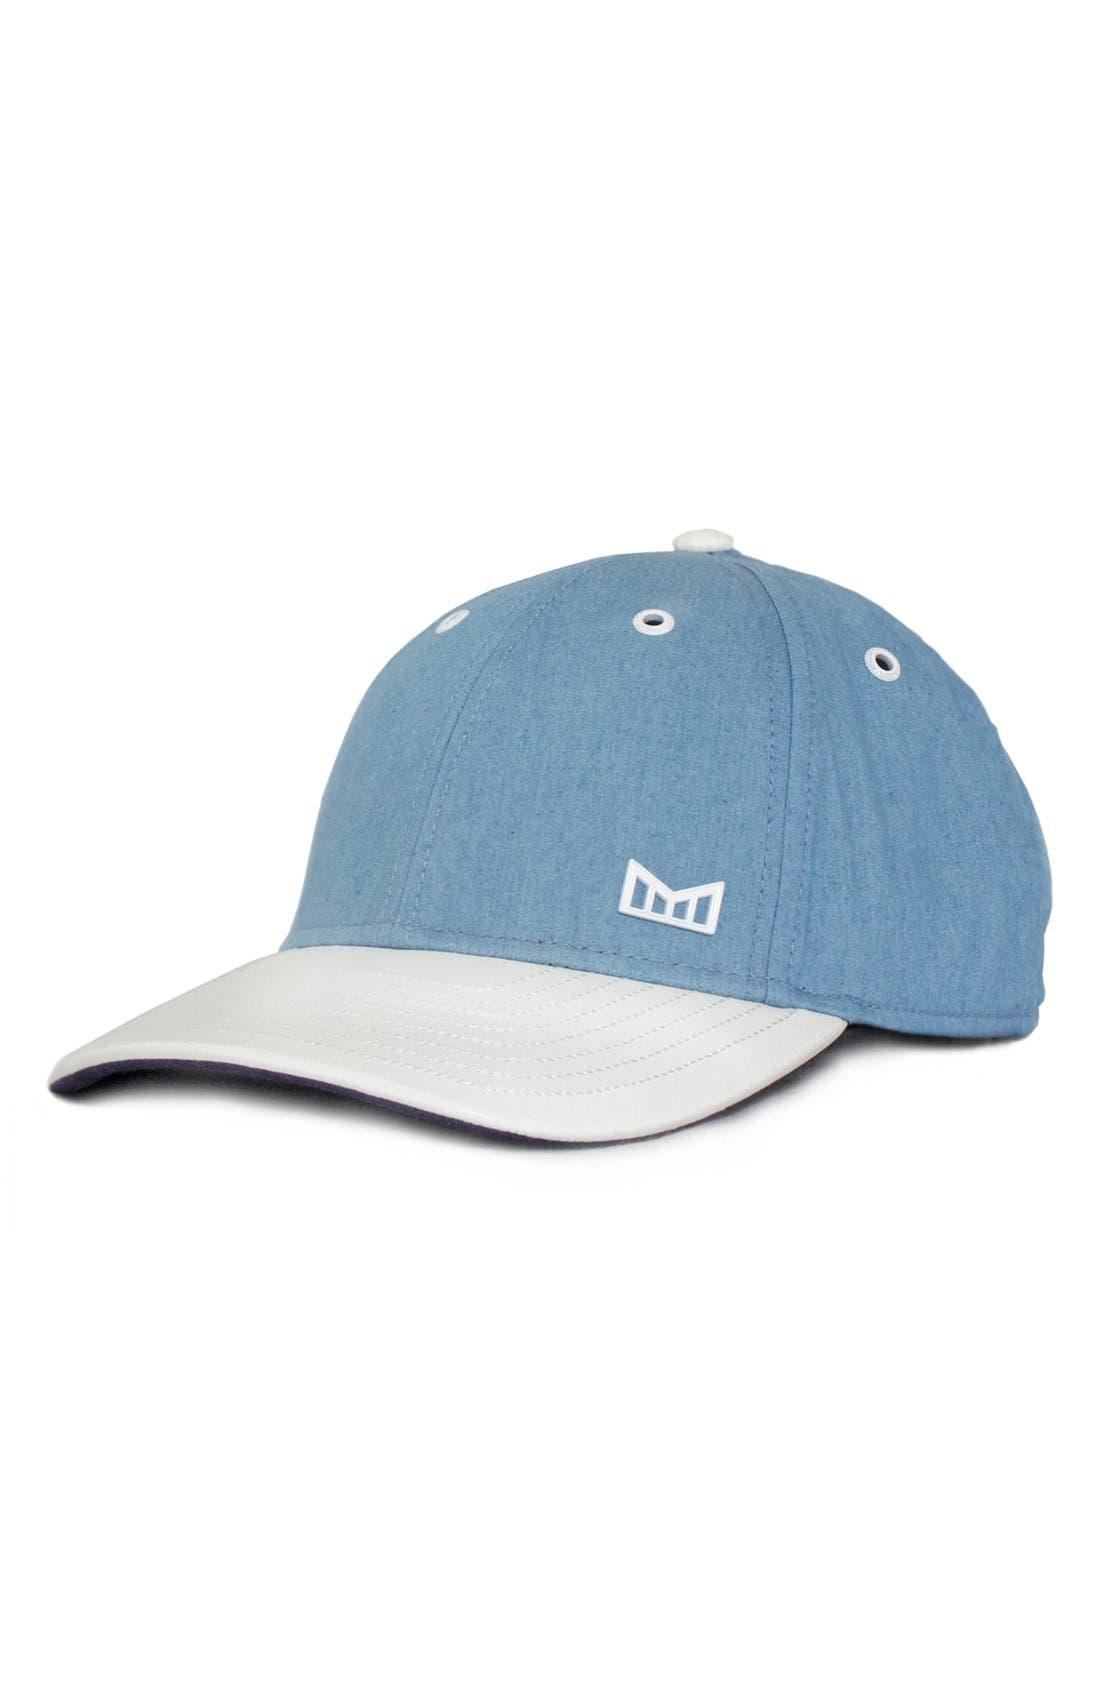 MELIN 'White Cap' Chambray Snapback Hat